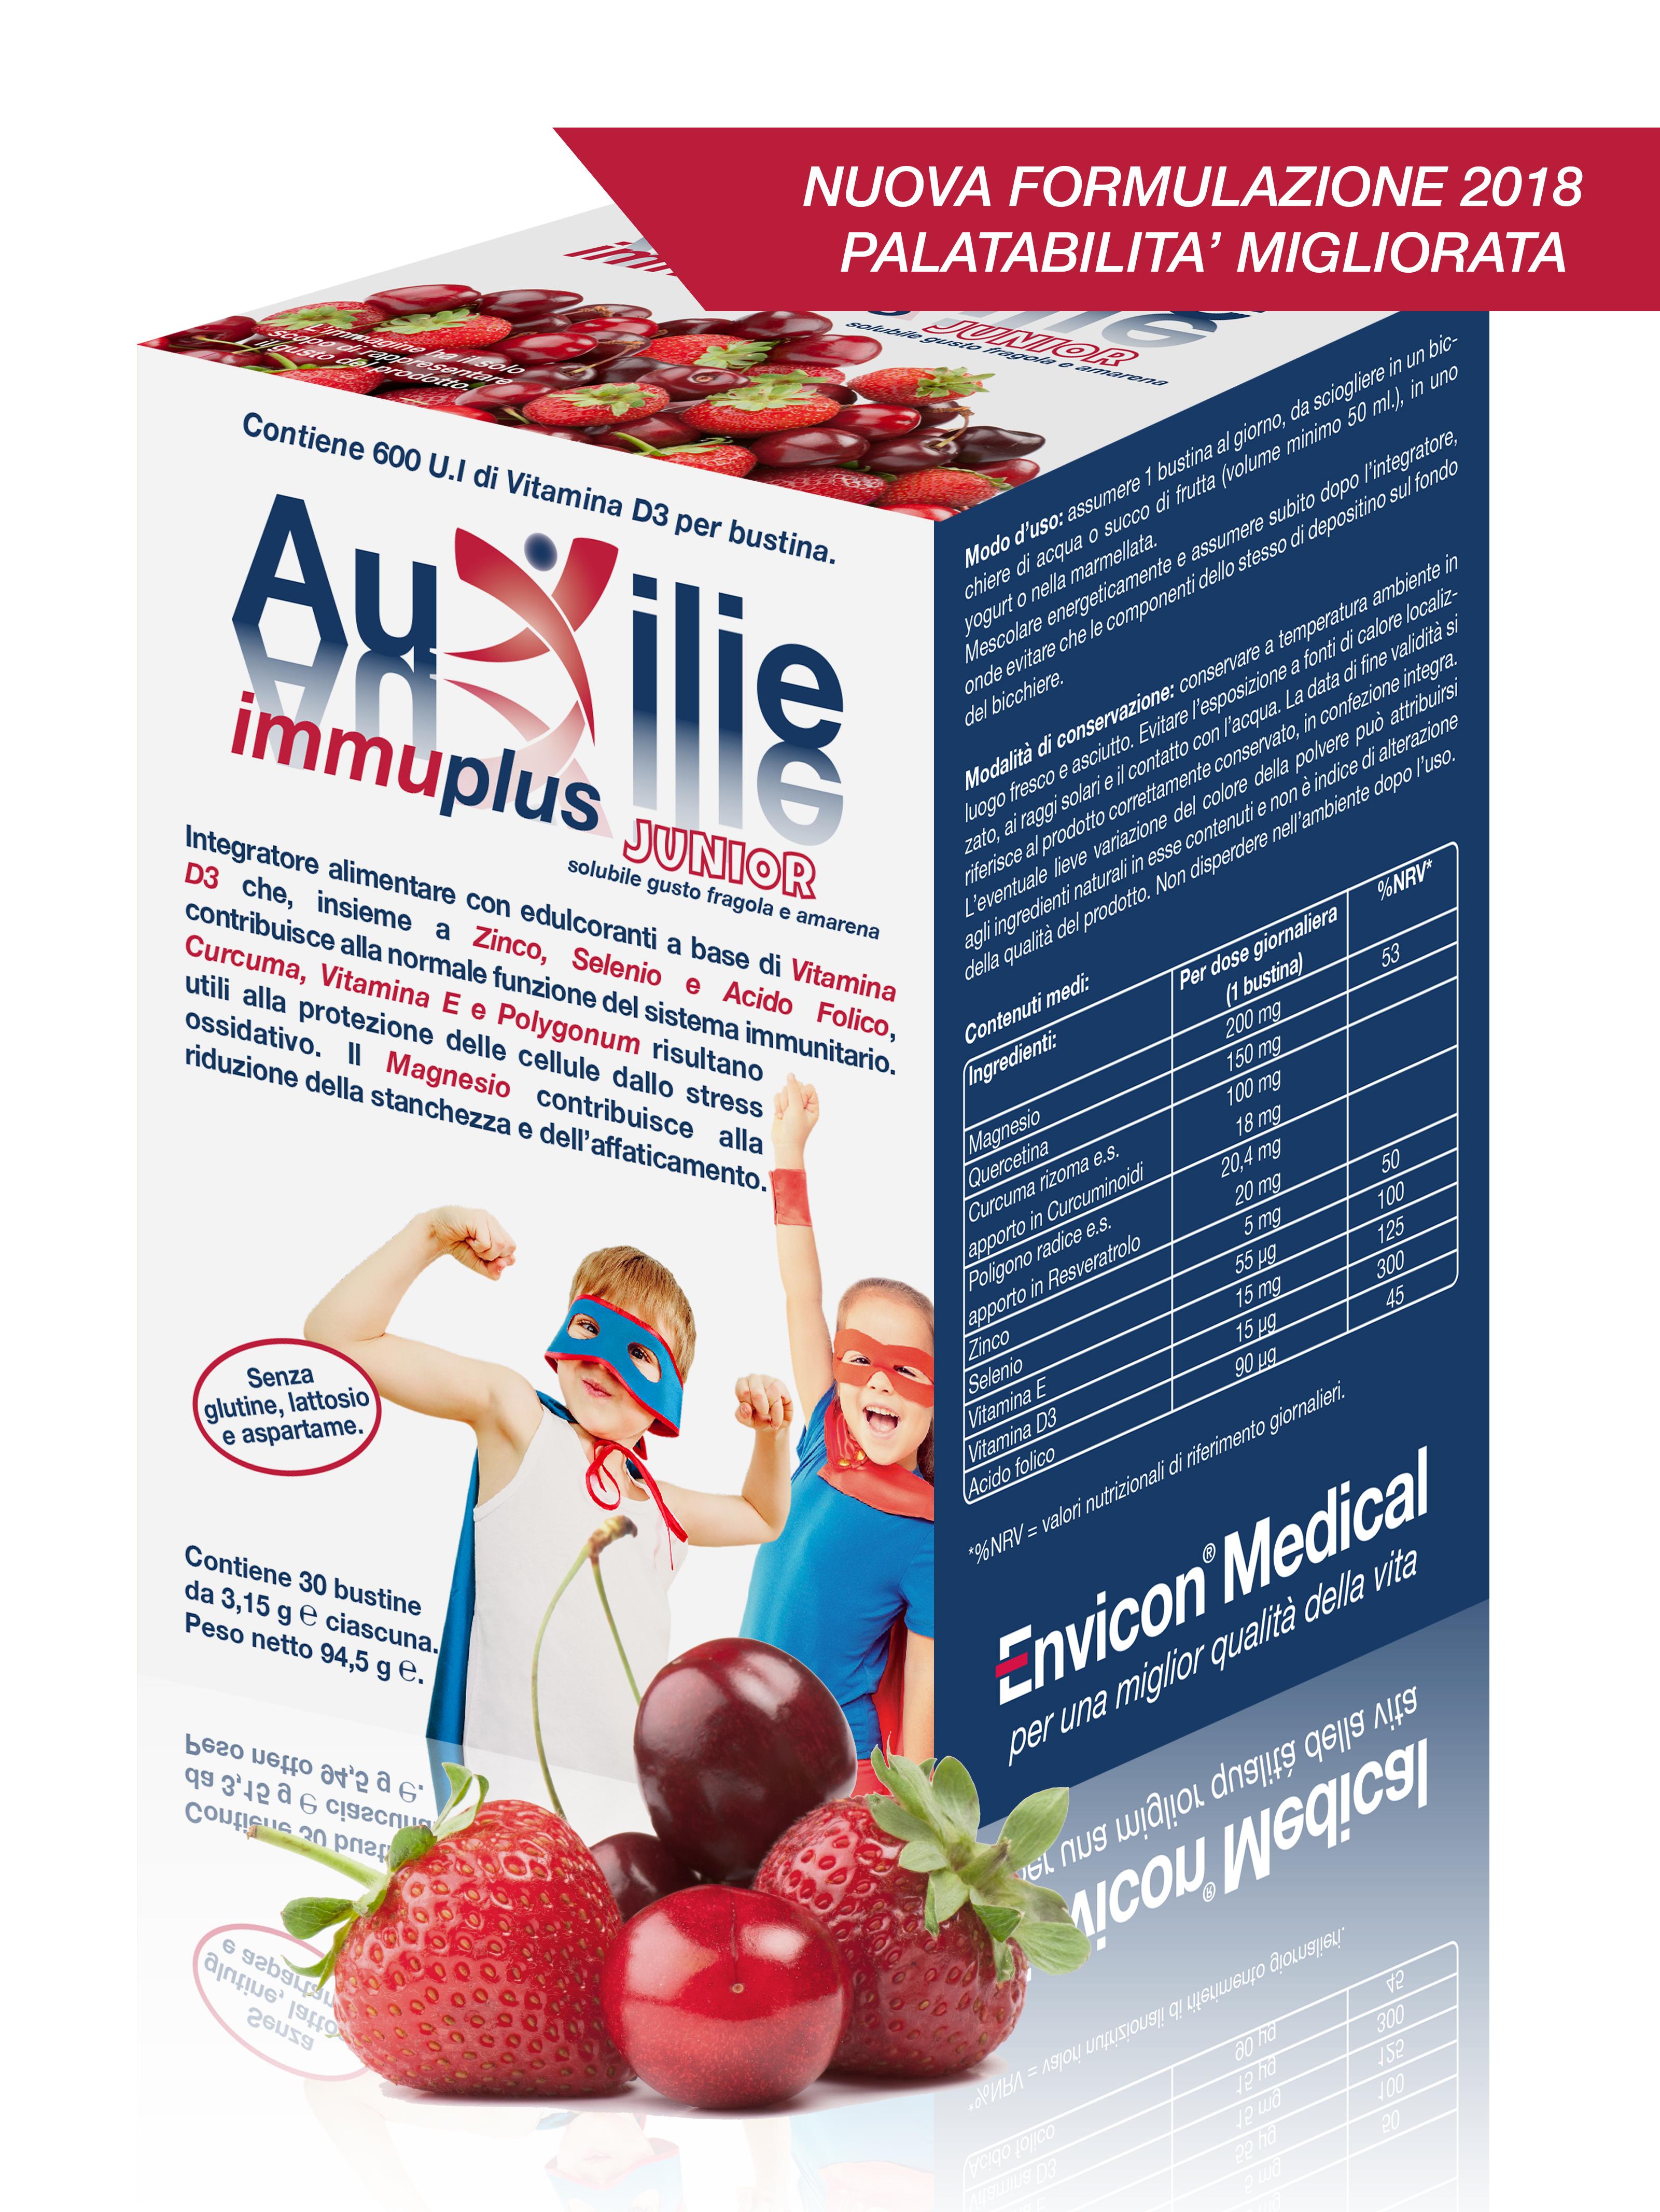 Auxilie-Immuplus-Junior-Solubile-NUOVA-FORMULAZIONE